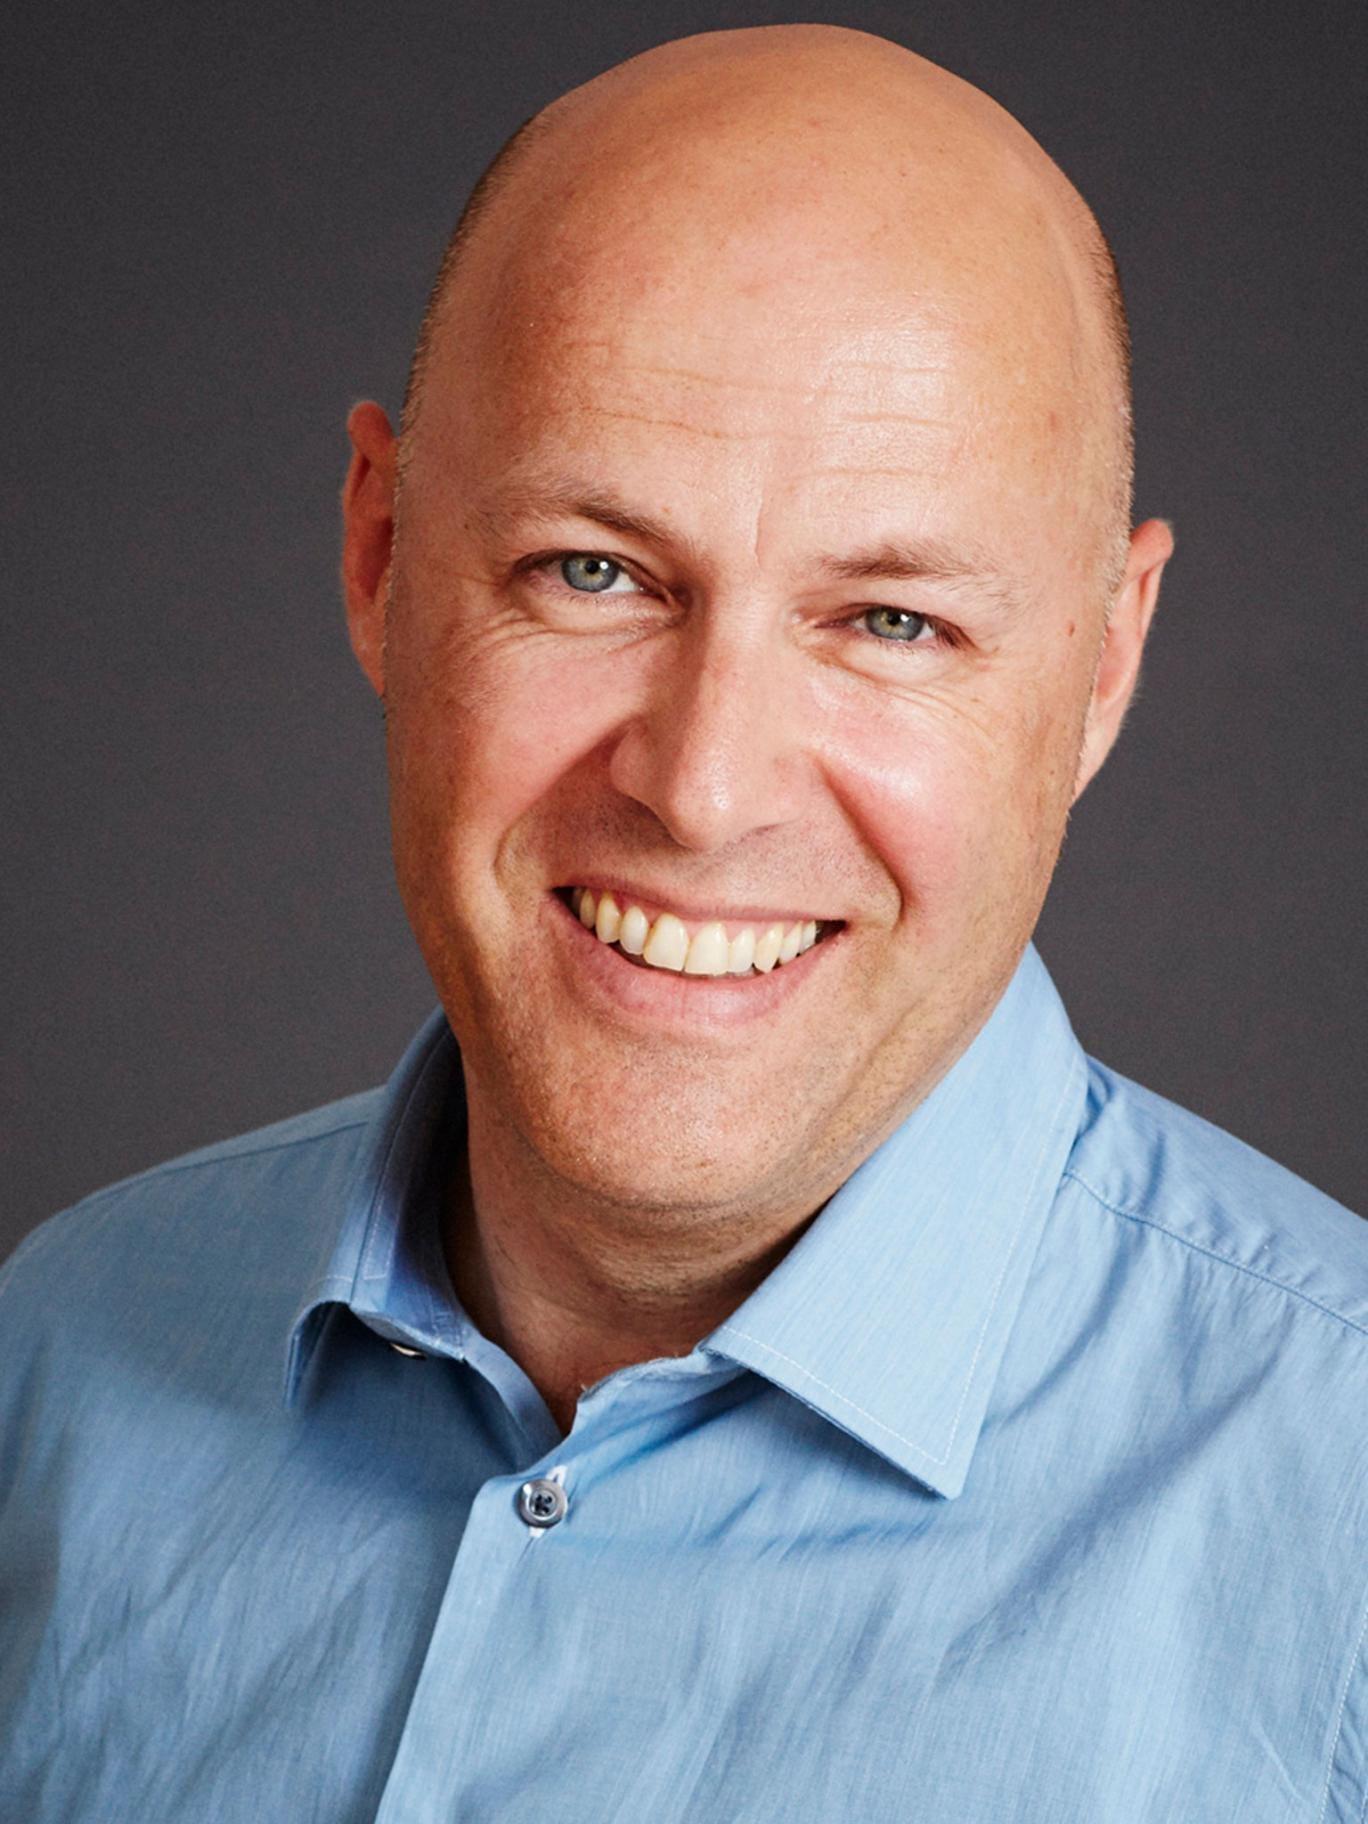 Richard Dodgson - Founder, Timebased